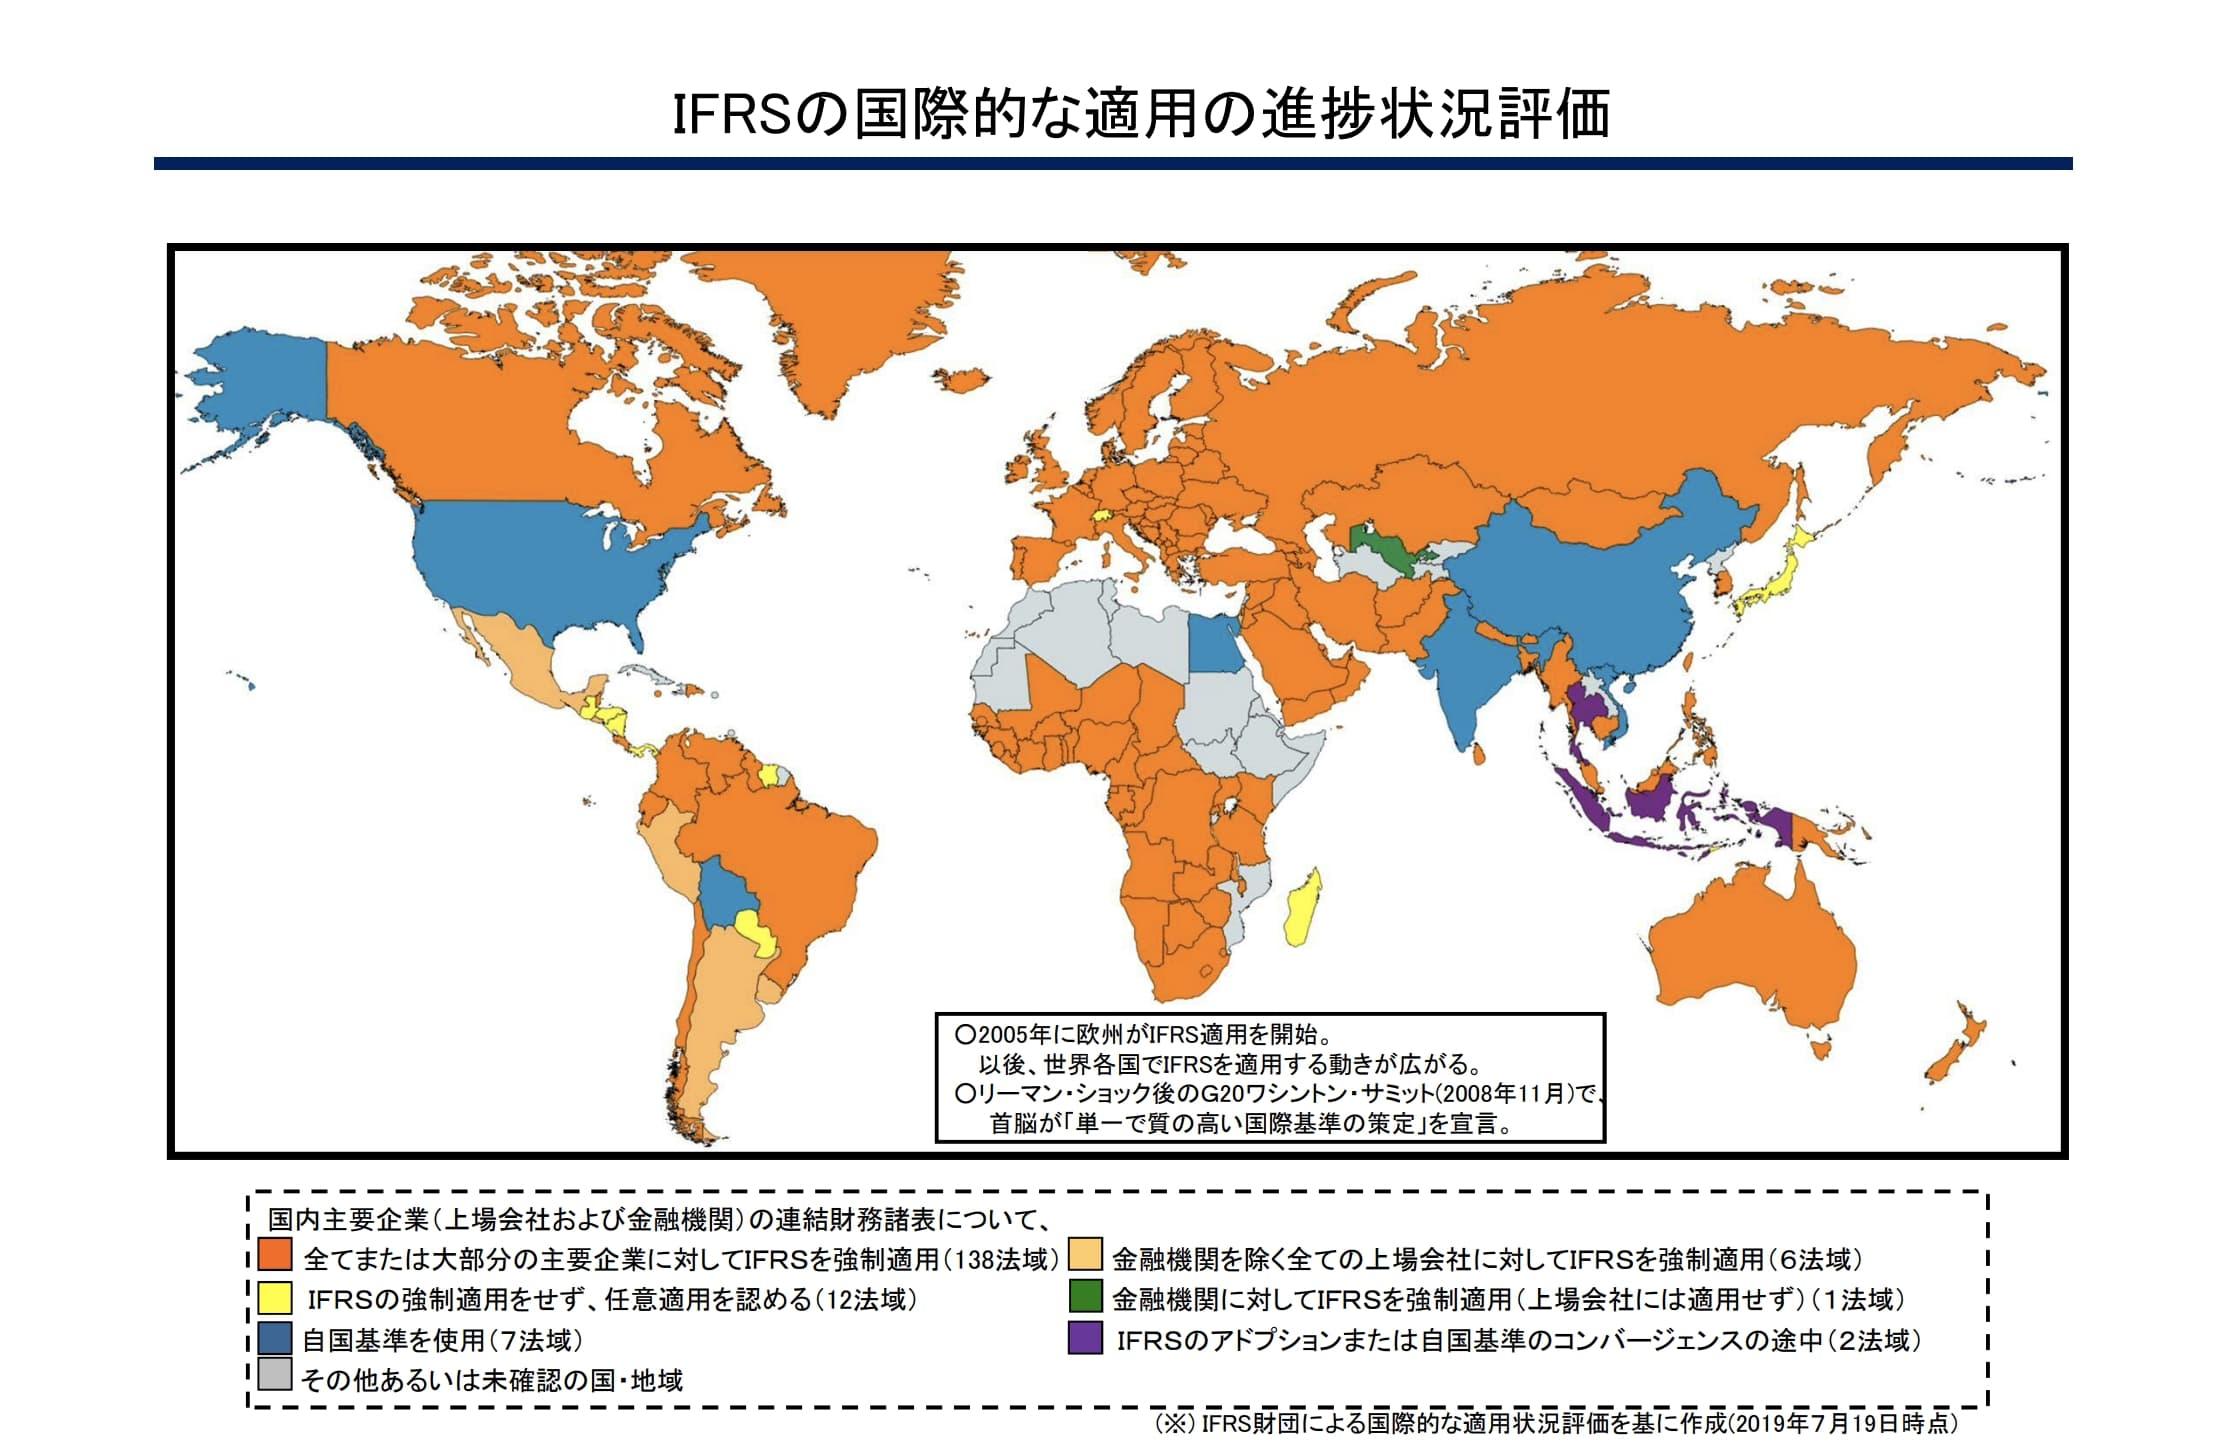 IFRS適用に関する資料